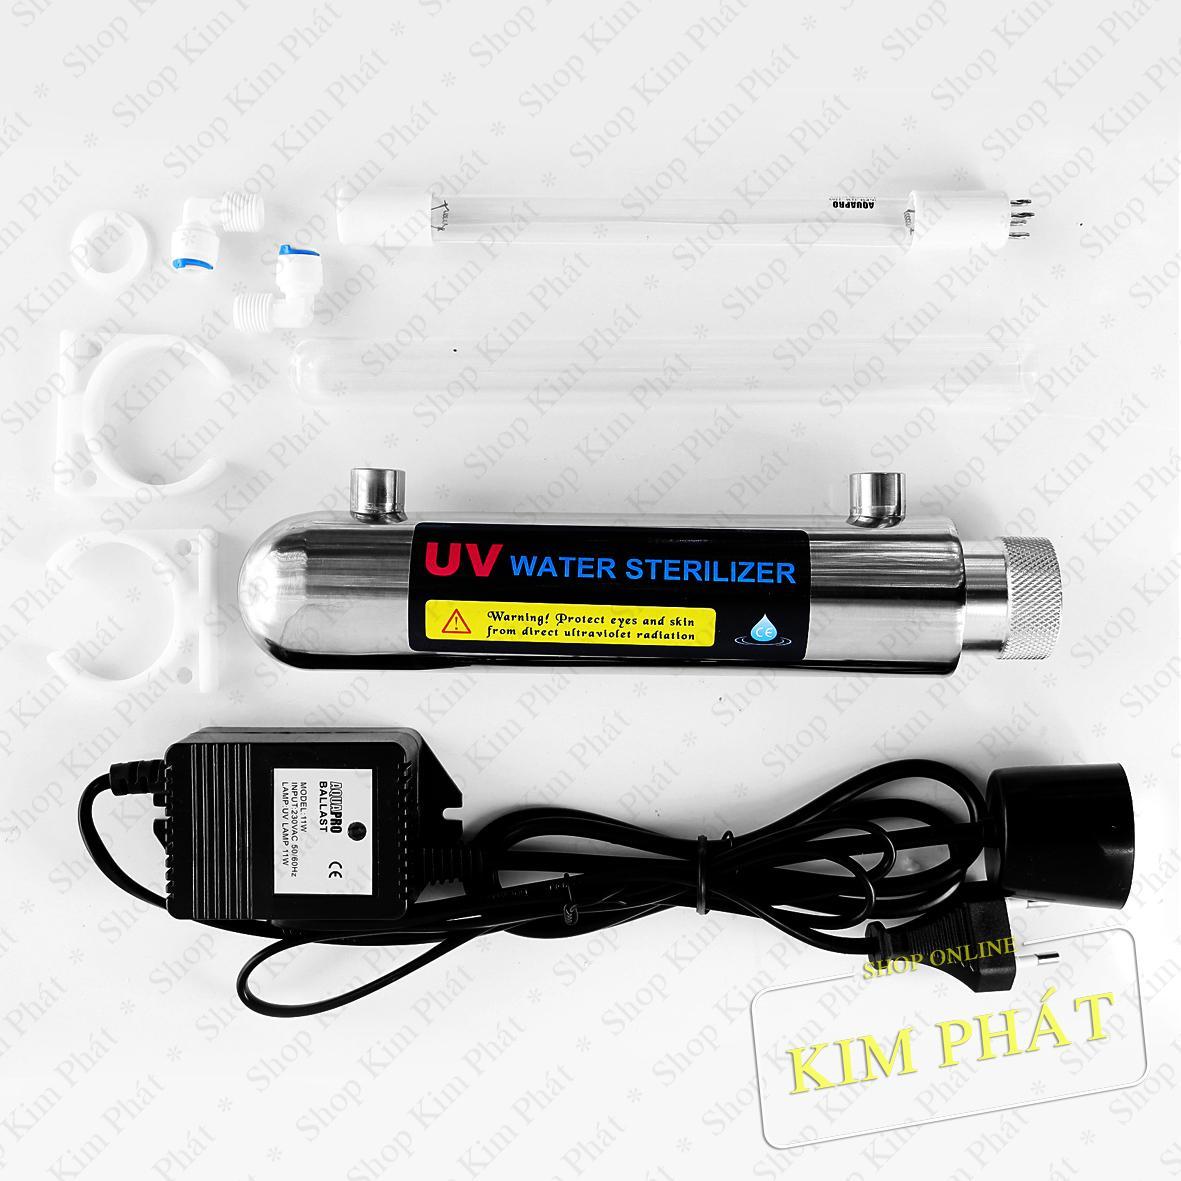 Giá Bộ đèn cực tím UV 11W - đèn uv (4 chấu)